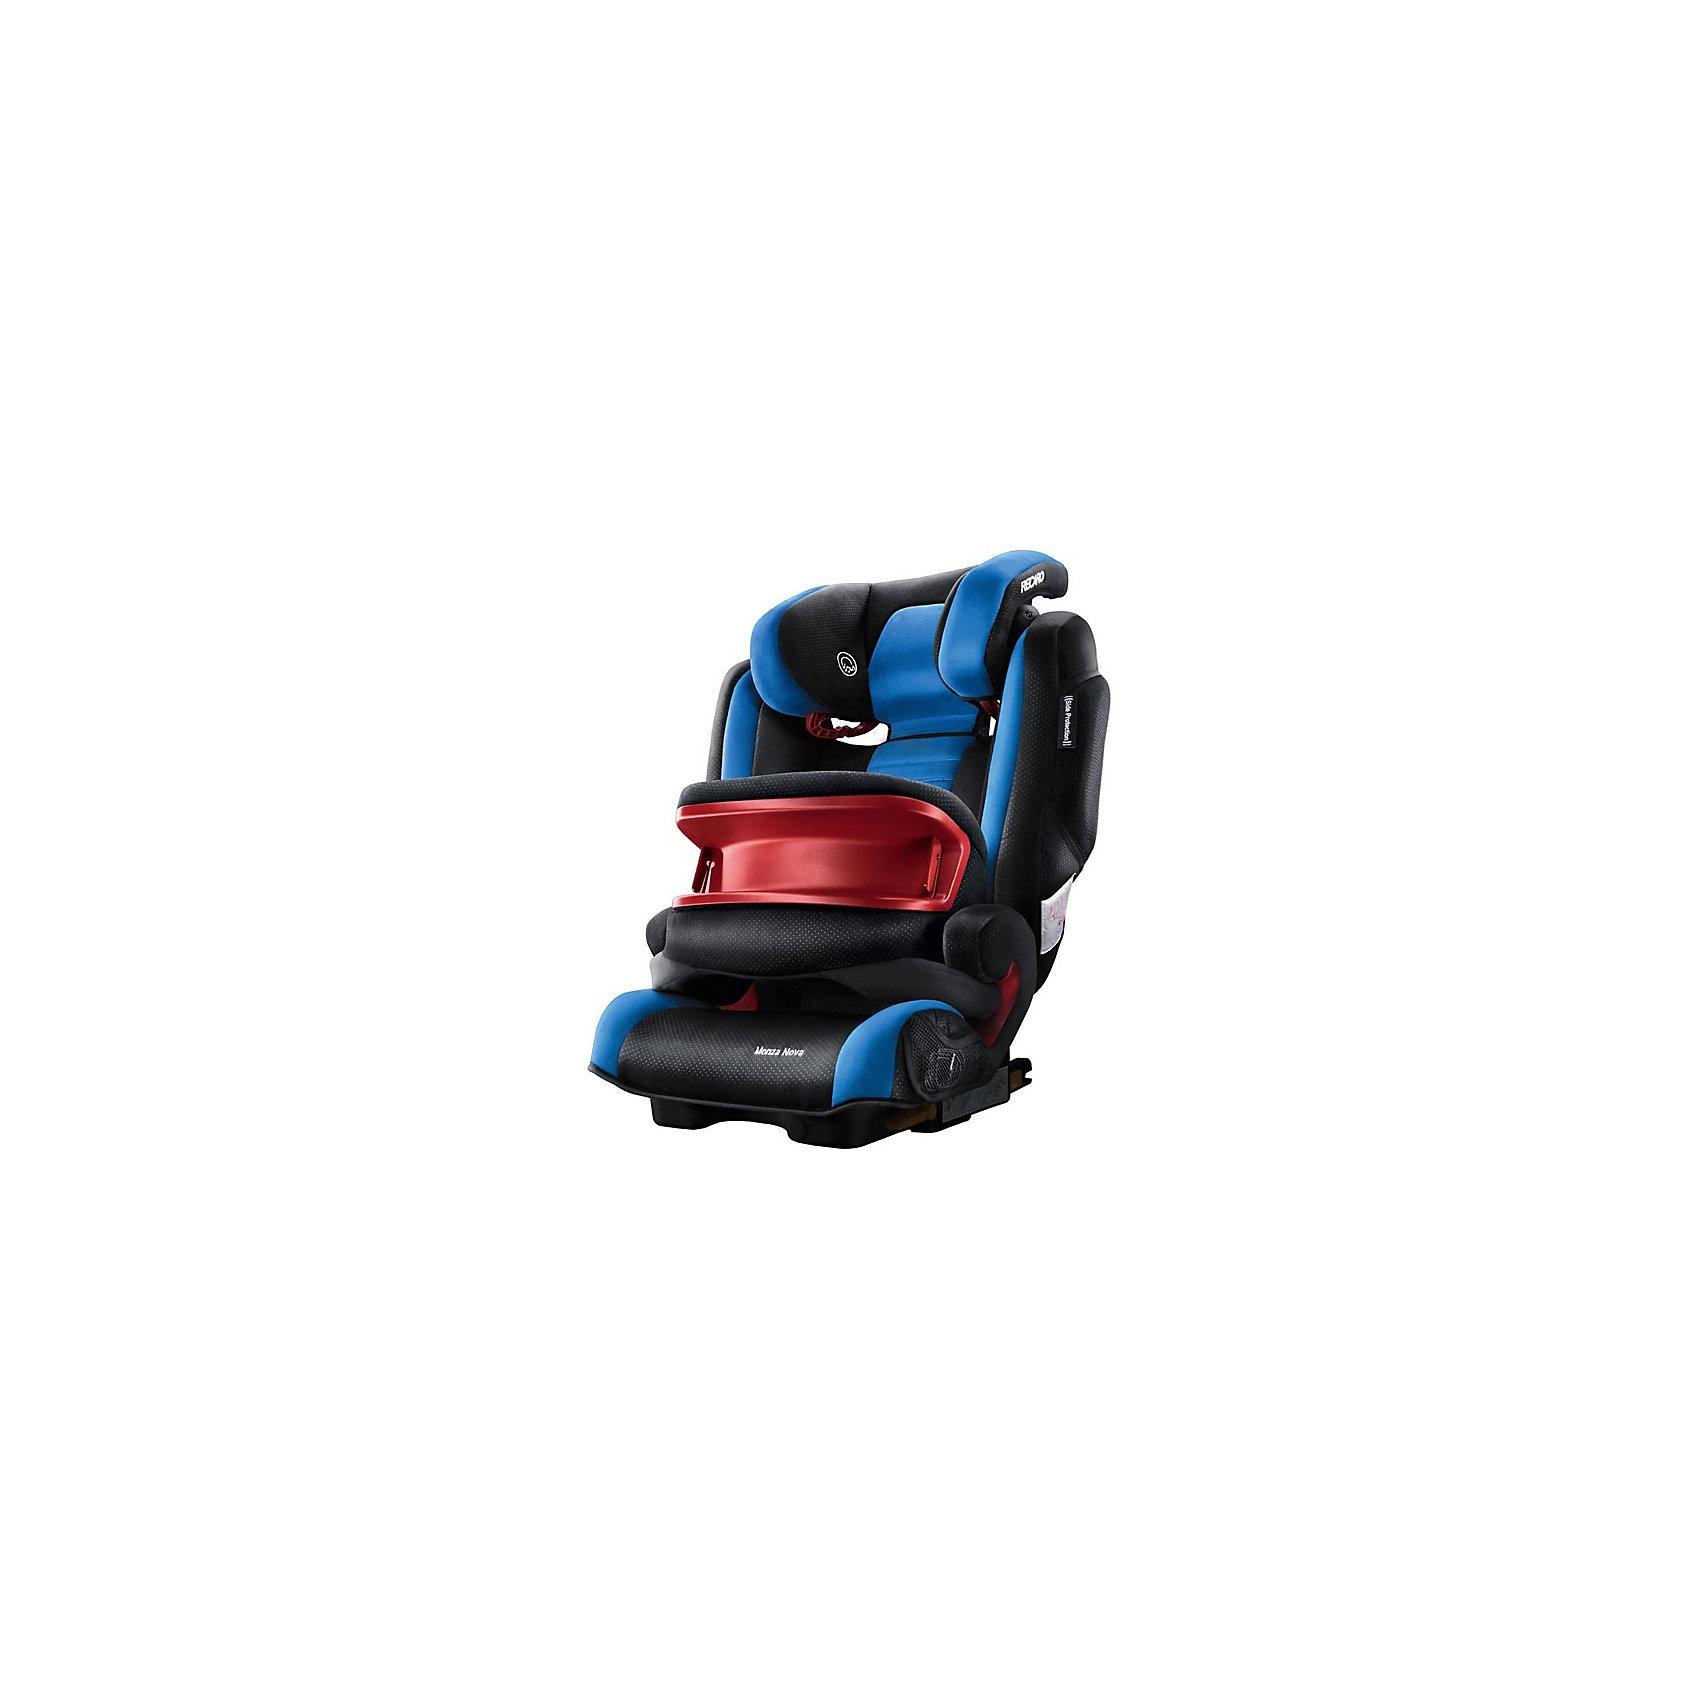 Автокресло RECARO Monza Nova IS SF, 9-36 кг, saphirАвтокресла с креплением Isofix<br>Автокресло Recaro Monza Nova IS SF:<br><br>Характеристики:<br><br>• группа: 1-2-3;<br>• вес ребенка: 9-36 кг;<br>• возраст ребенка: от 9 месяцев до 12 лет;<br>• способ установки: по ходу движения;<br>• способ крепления: система Isofix;<br>• материал: пластик, полиэстер;<br>• размер автокресла: 74х48х62 см;<br>• вес автокресла: 6,5 кг;<br>• вес в упаковке: 8 кг.<br><br>Особенности автокресла Monza Nova IS SF: <br><br>• регулируемая глубина подголовника, <br>• регулируемая высота подголовника – 11 положений, <br>• встроенный ростомер, <br>• 3-х камерная подкачка подголовника;<br>• усиленная боковая защита, <br>• интегрированные динамики: воспроизведения колыбельных, звуков природы, аудиосказок,<br>• провод для подключения плеера к динамикам в комплекте,<br>• сетчатые кармашки для MP3-плеера.<br><br>Автокресло Monza Nova IS SF будет сопровождать вас и вашего кроху вплоть до достижения ребенком возраста 12 лет. Автокресло укомплектовано дополнительными аксессуарами для наибольшей безопасности ребенка на каждом этапе его взросления. <br><br>Когда вес малыша находится в пределах 9-18 кг, эргономичный защитный столик вместе с 3-х точечным ремнем безопасности автомобиля обеспечивают максимальную безопасность. Автокресло обязательно используется со столиком, пока кроха не достигнет определенного роста и веса. <br><br>Автокресло устанавливается на заднем сидении автомобиля с помощью системы Изофикс. Выдвижные крепления кресла совмещаются с системой Изофикс в автомобиле.<br><br>Обивка автокресла выполнена из дышащего материала, который не впитывает посторонние запахи. Автокресло оснащено вентиляционными отверстиями для циркуляции воздуха и регуляции теплообмена. <br><br>Комплектация: <br><br>• автокресло Monza Nova IS SF группы I/II/III;<br>• защитный столик;<br>• накладка на сиденье;<br>• стерео динамики, встроенные в подголовник;<br>• провод для подключения воспроизводящего устройства к дина